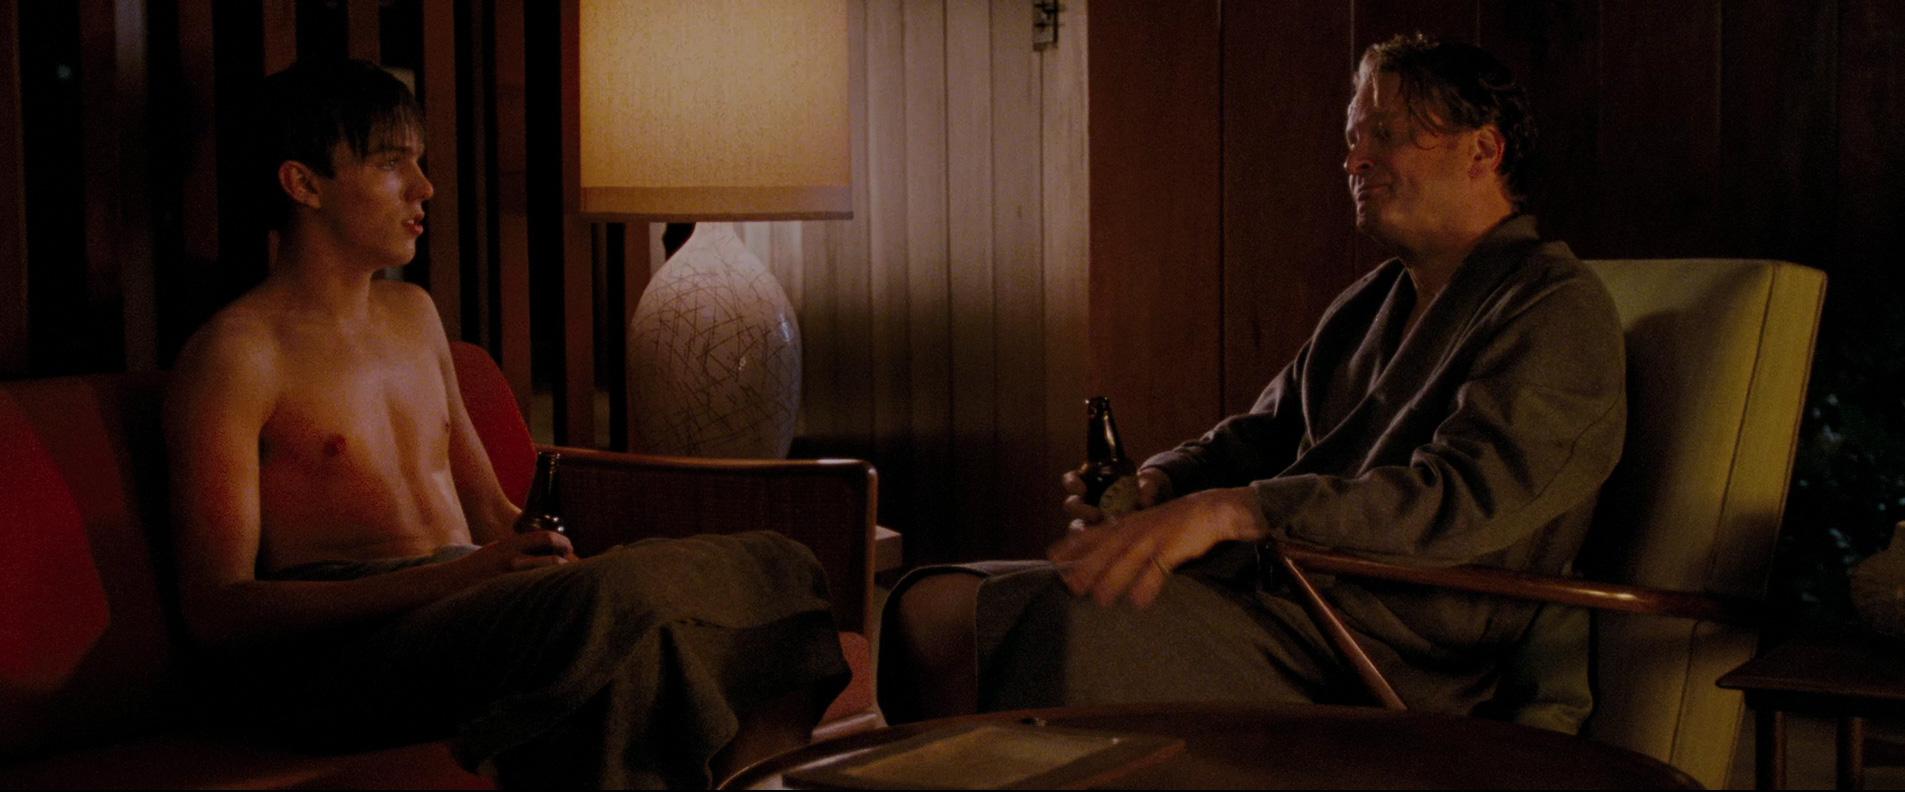 Samotny mężczyzna dom, film